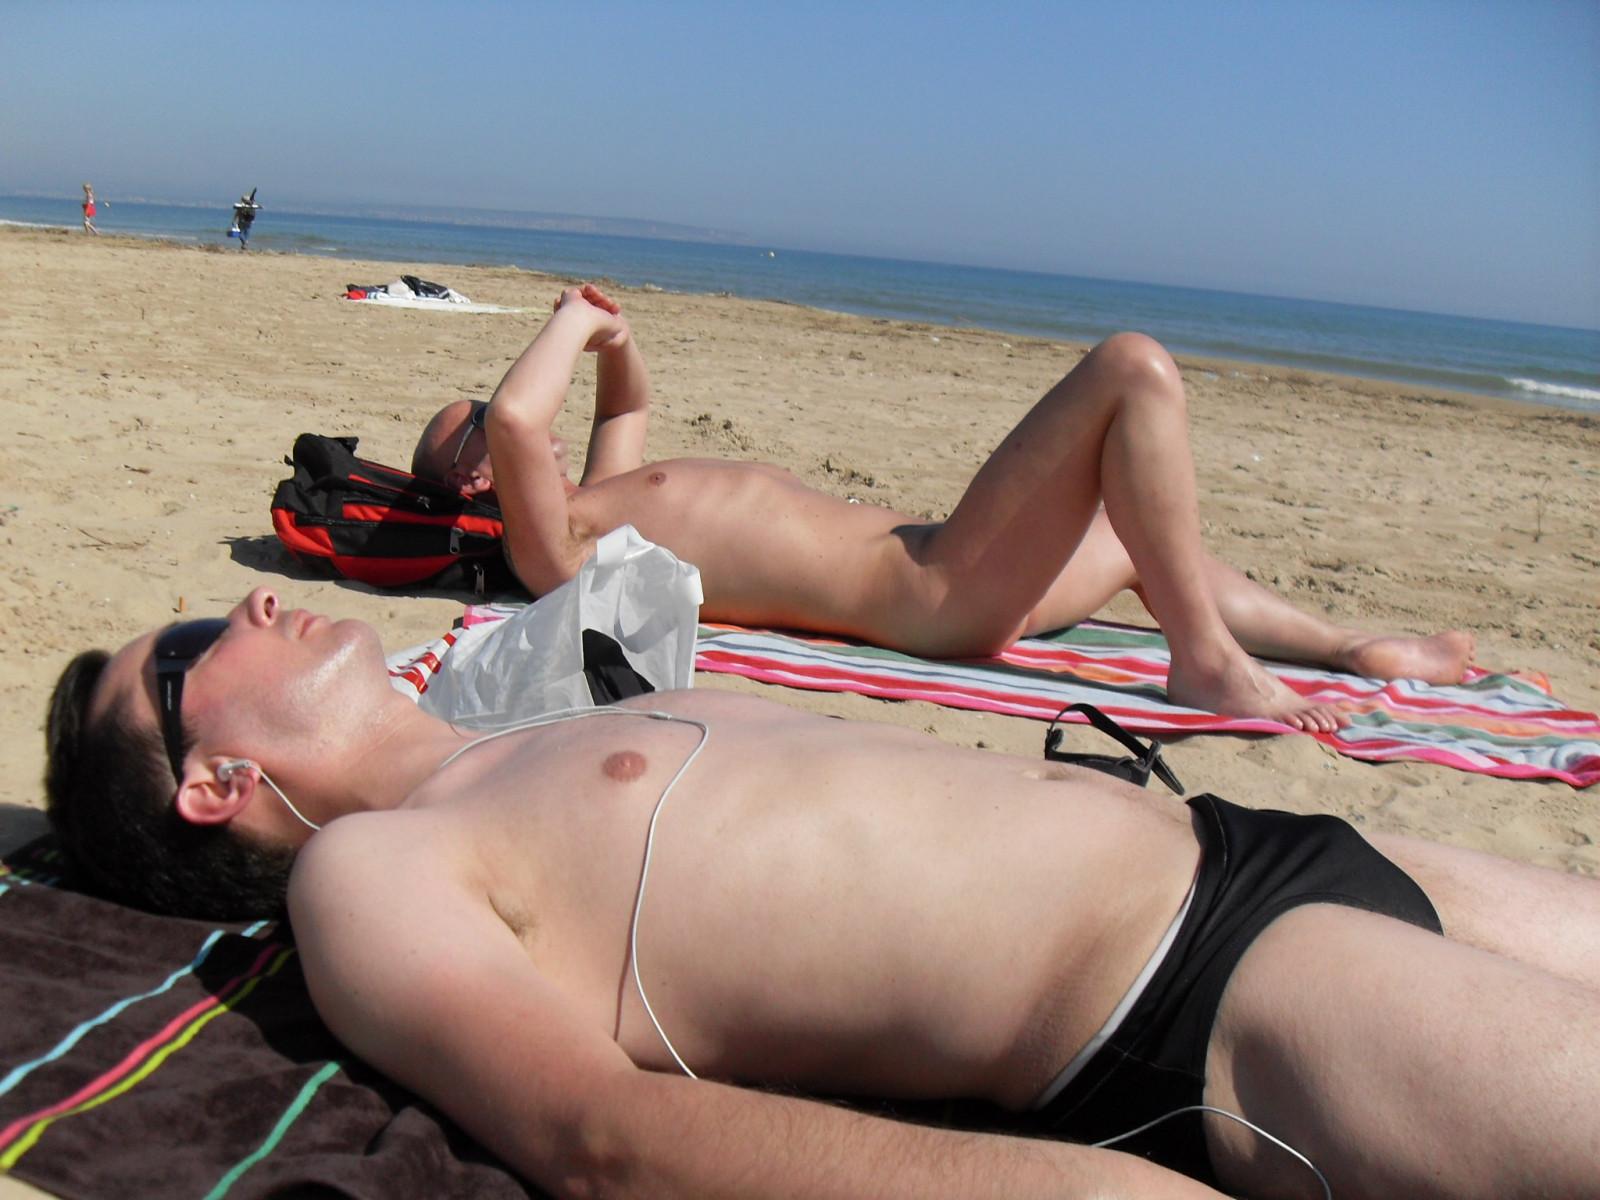 junge am strand nackt